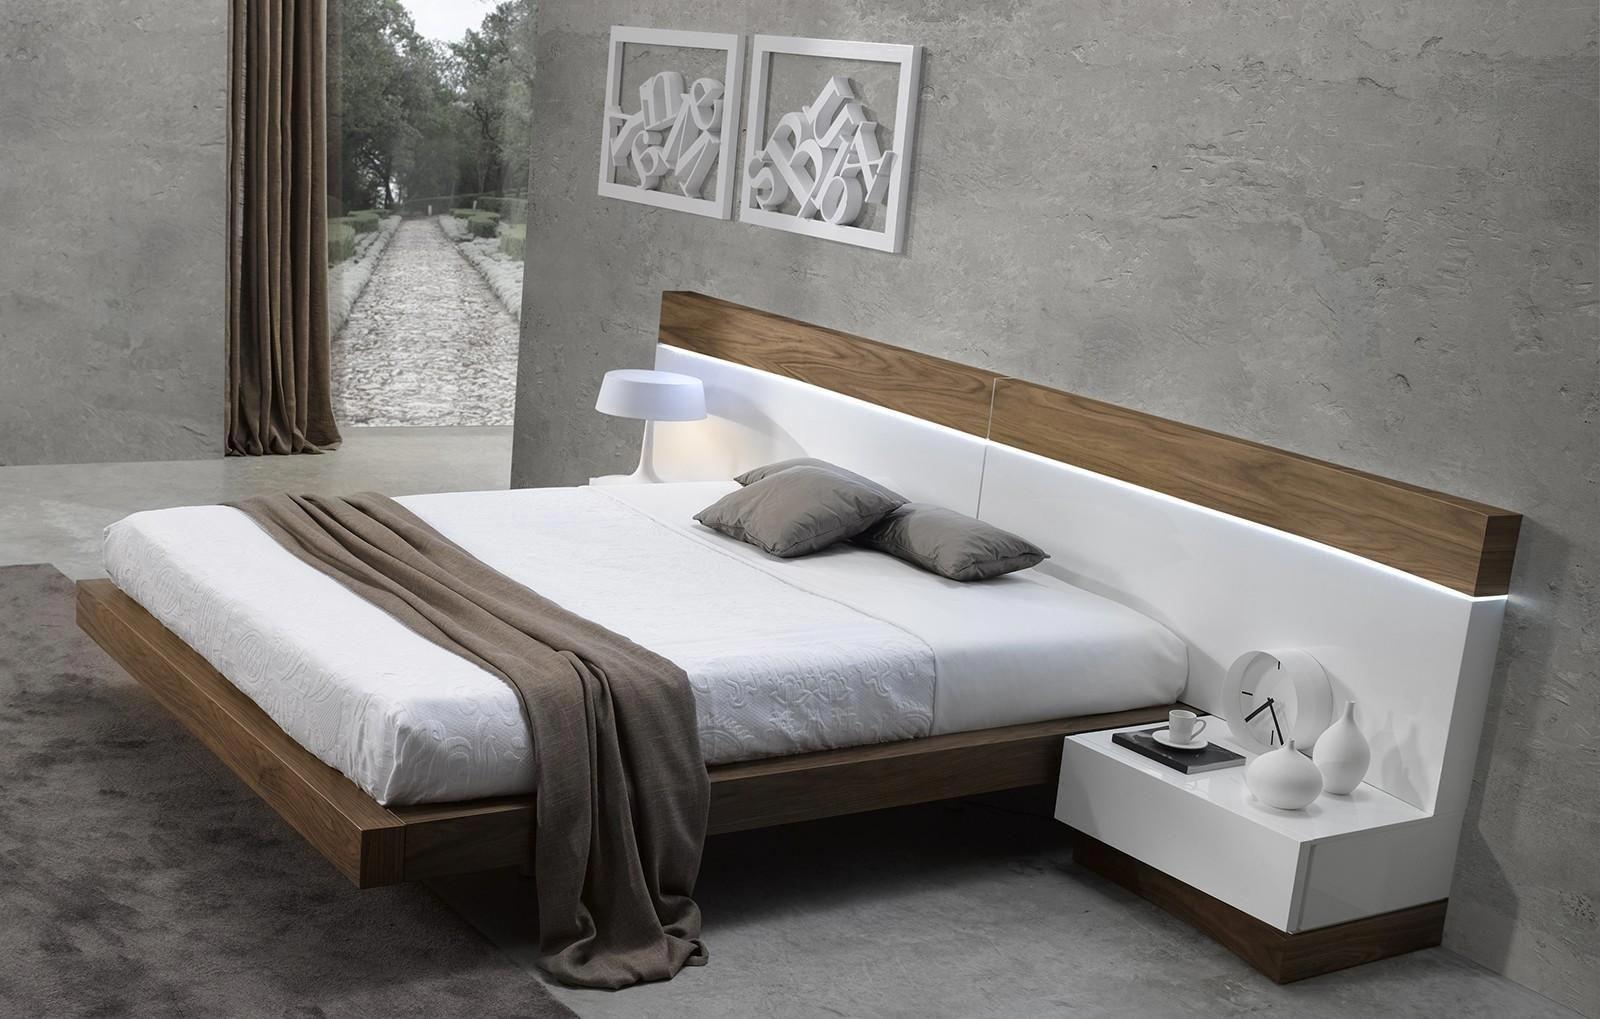 Cheapest Furniture Website Bed Furniture Design Bedroom Furniture Design Modern Bedroom Furniture